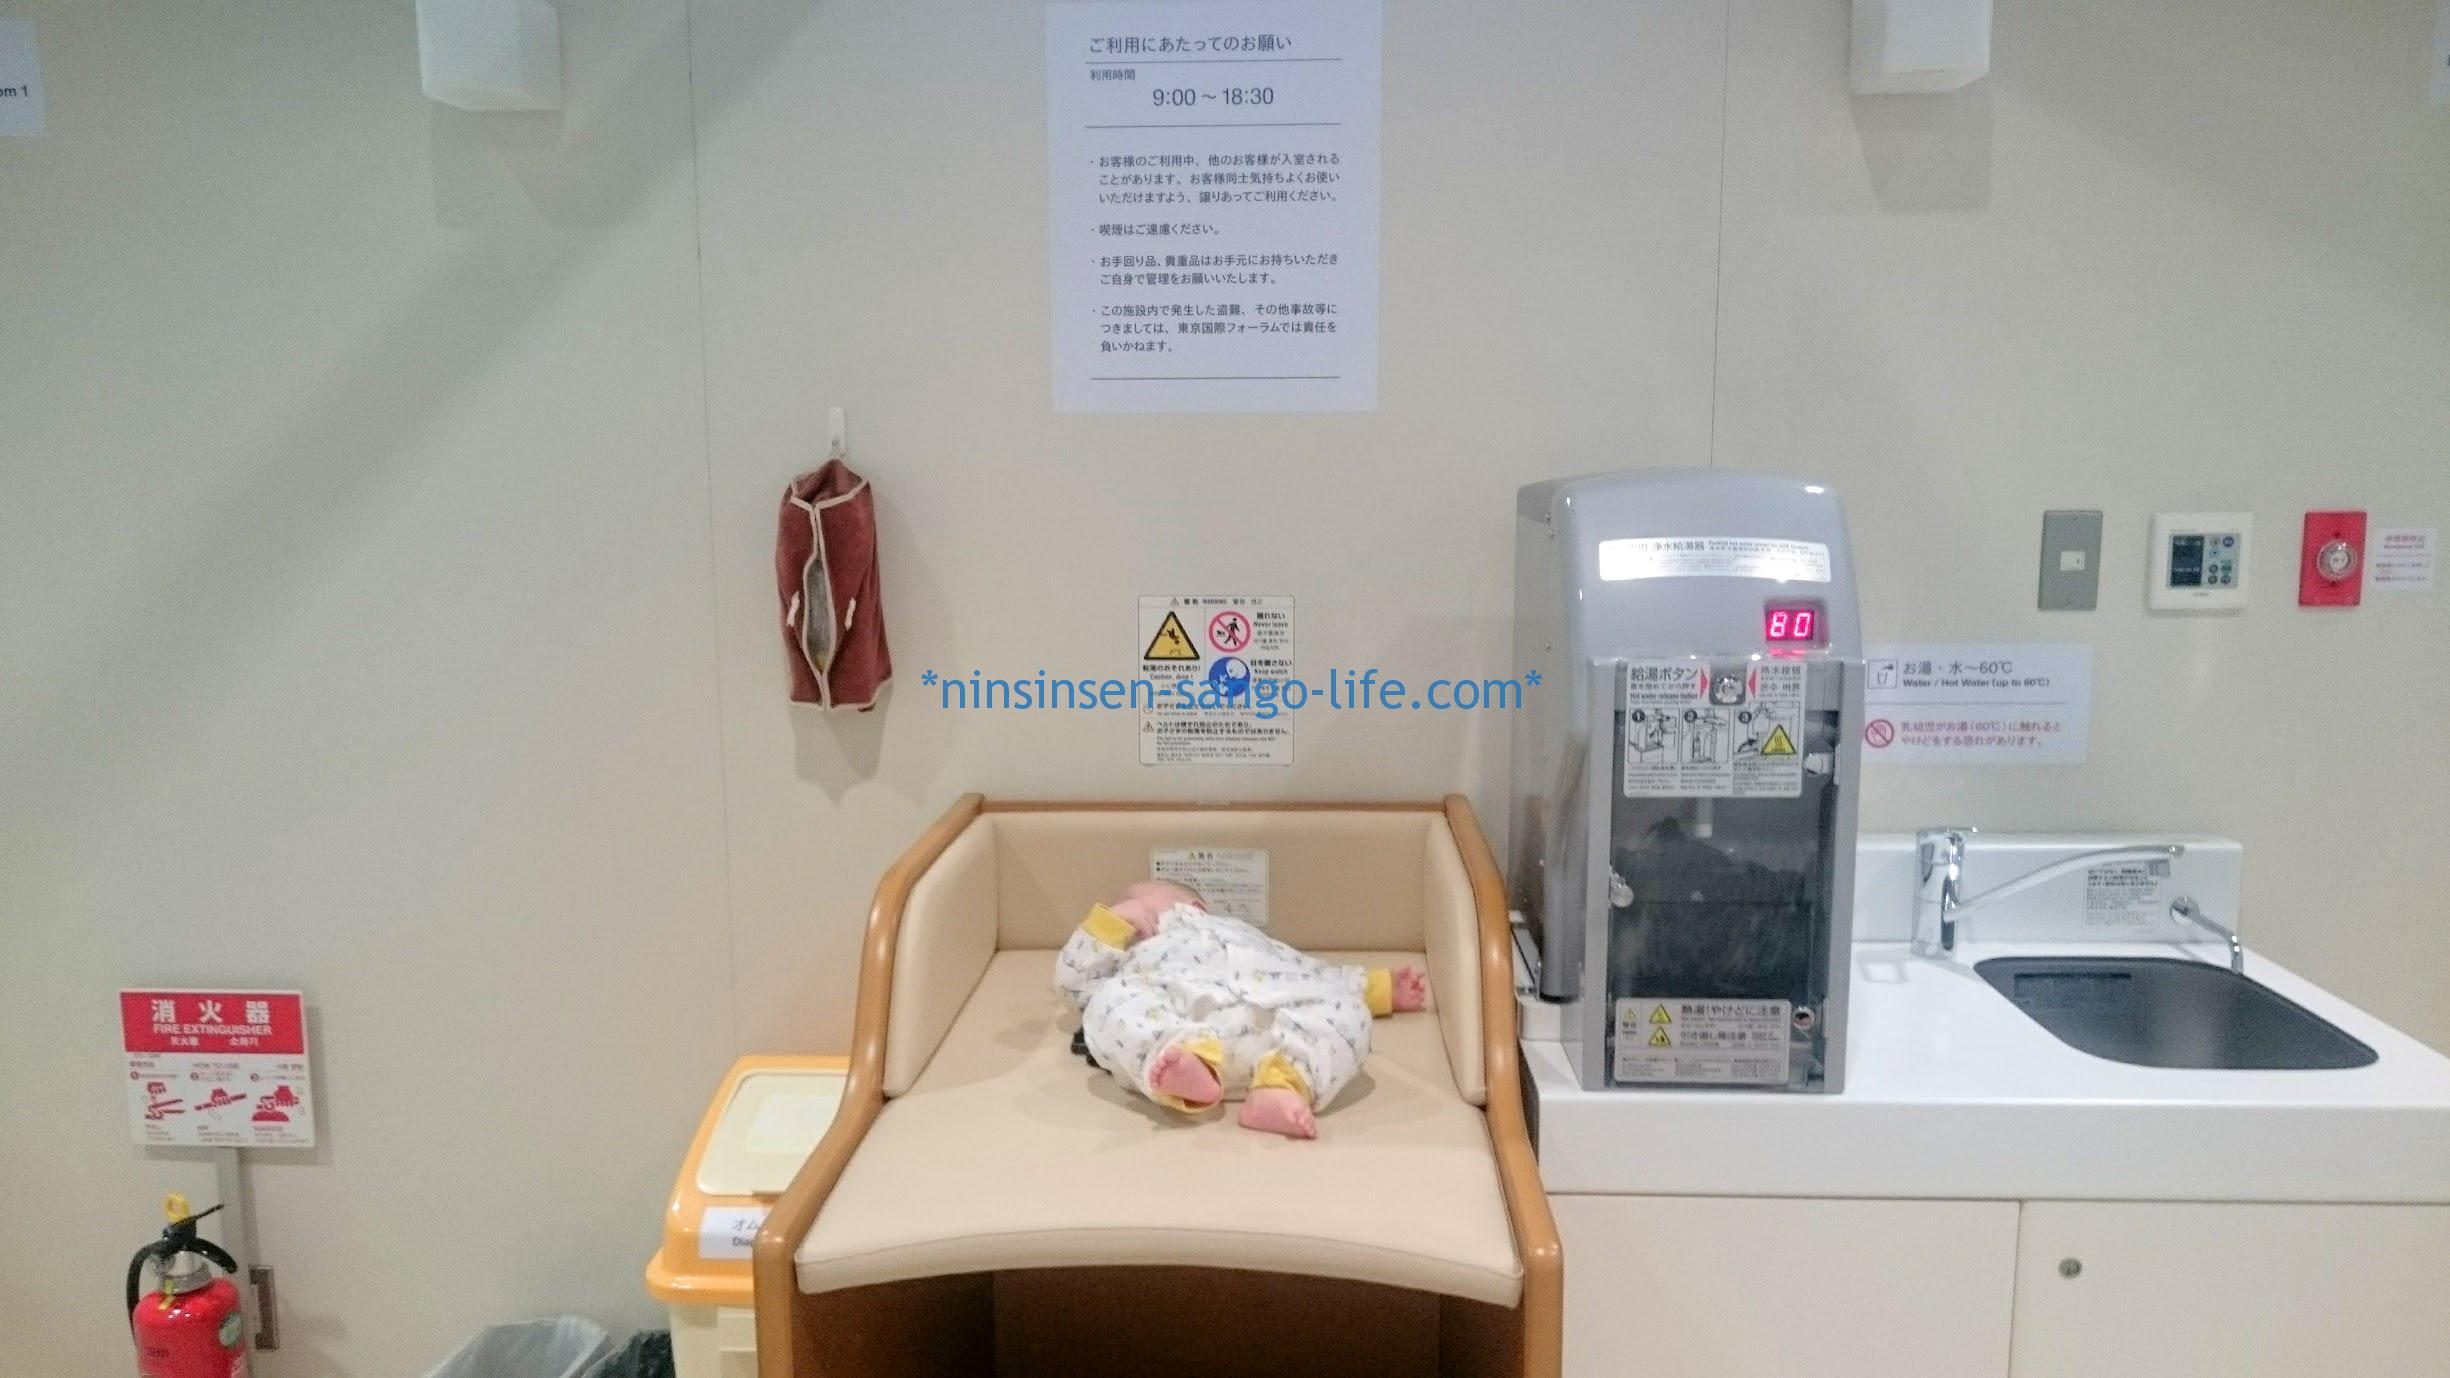 東京国際フォーラム授乳室入った正面